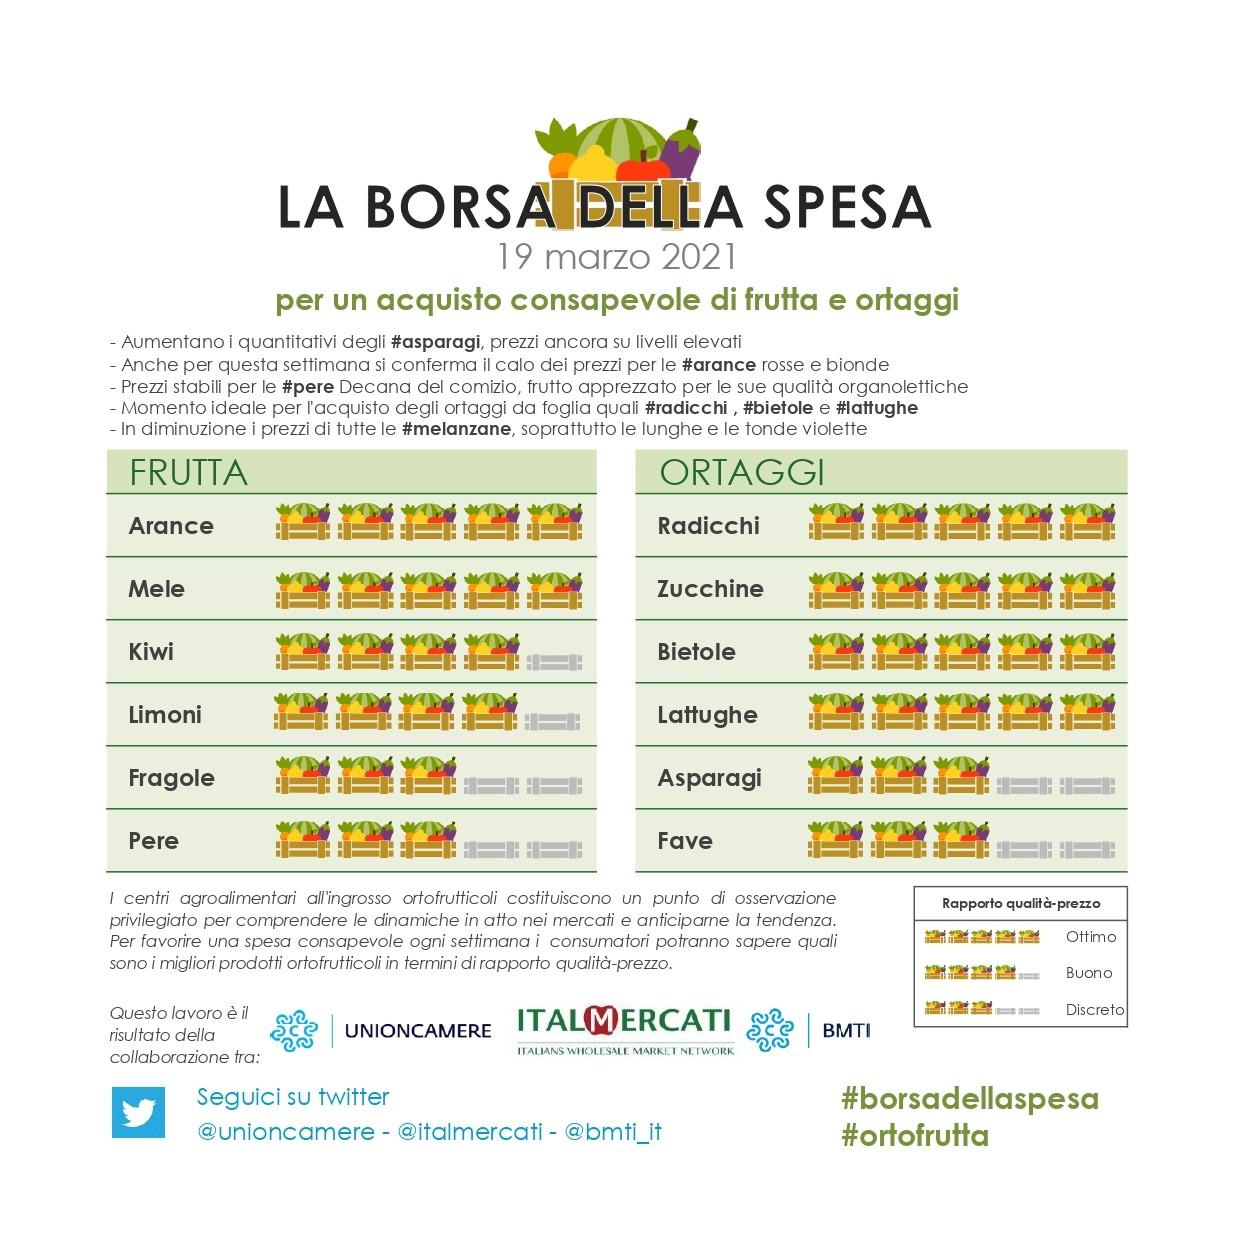 Nella #borsadellaspesa di #ortofrutta di questa settimana: #arance rosse, #mele, #radicchi, #zucchine, #bietole e #lattughe - 19 marzo 2021